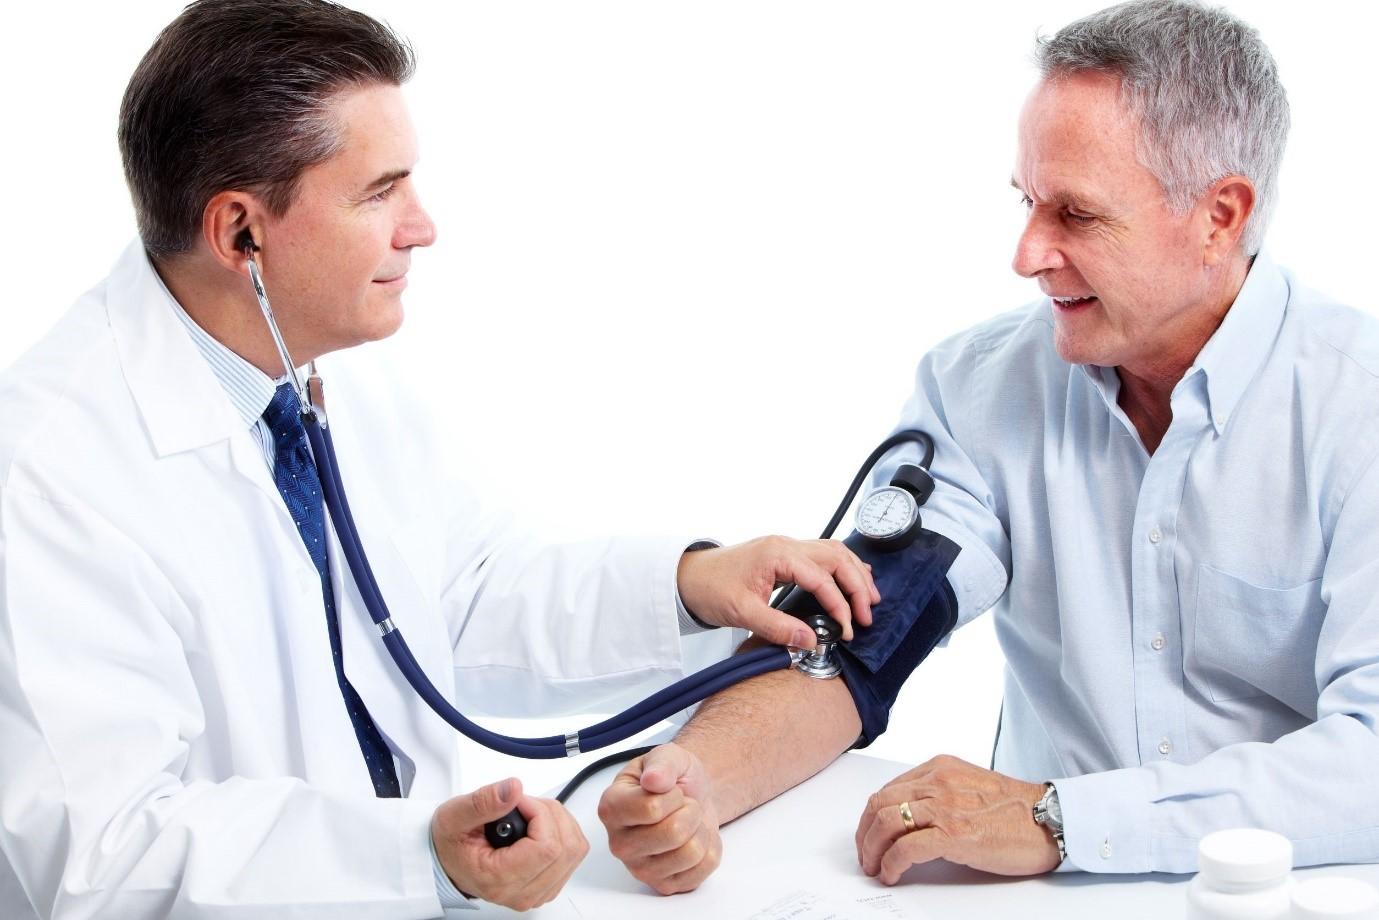 Các phương pháp điều trị bệnh lao ở người cao tuổi?